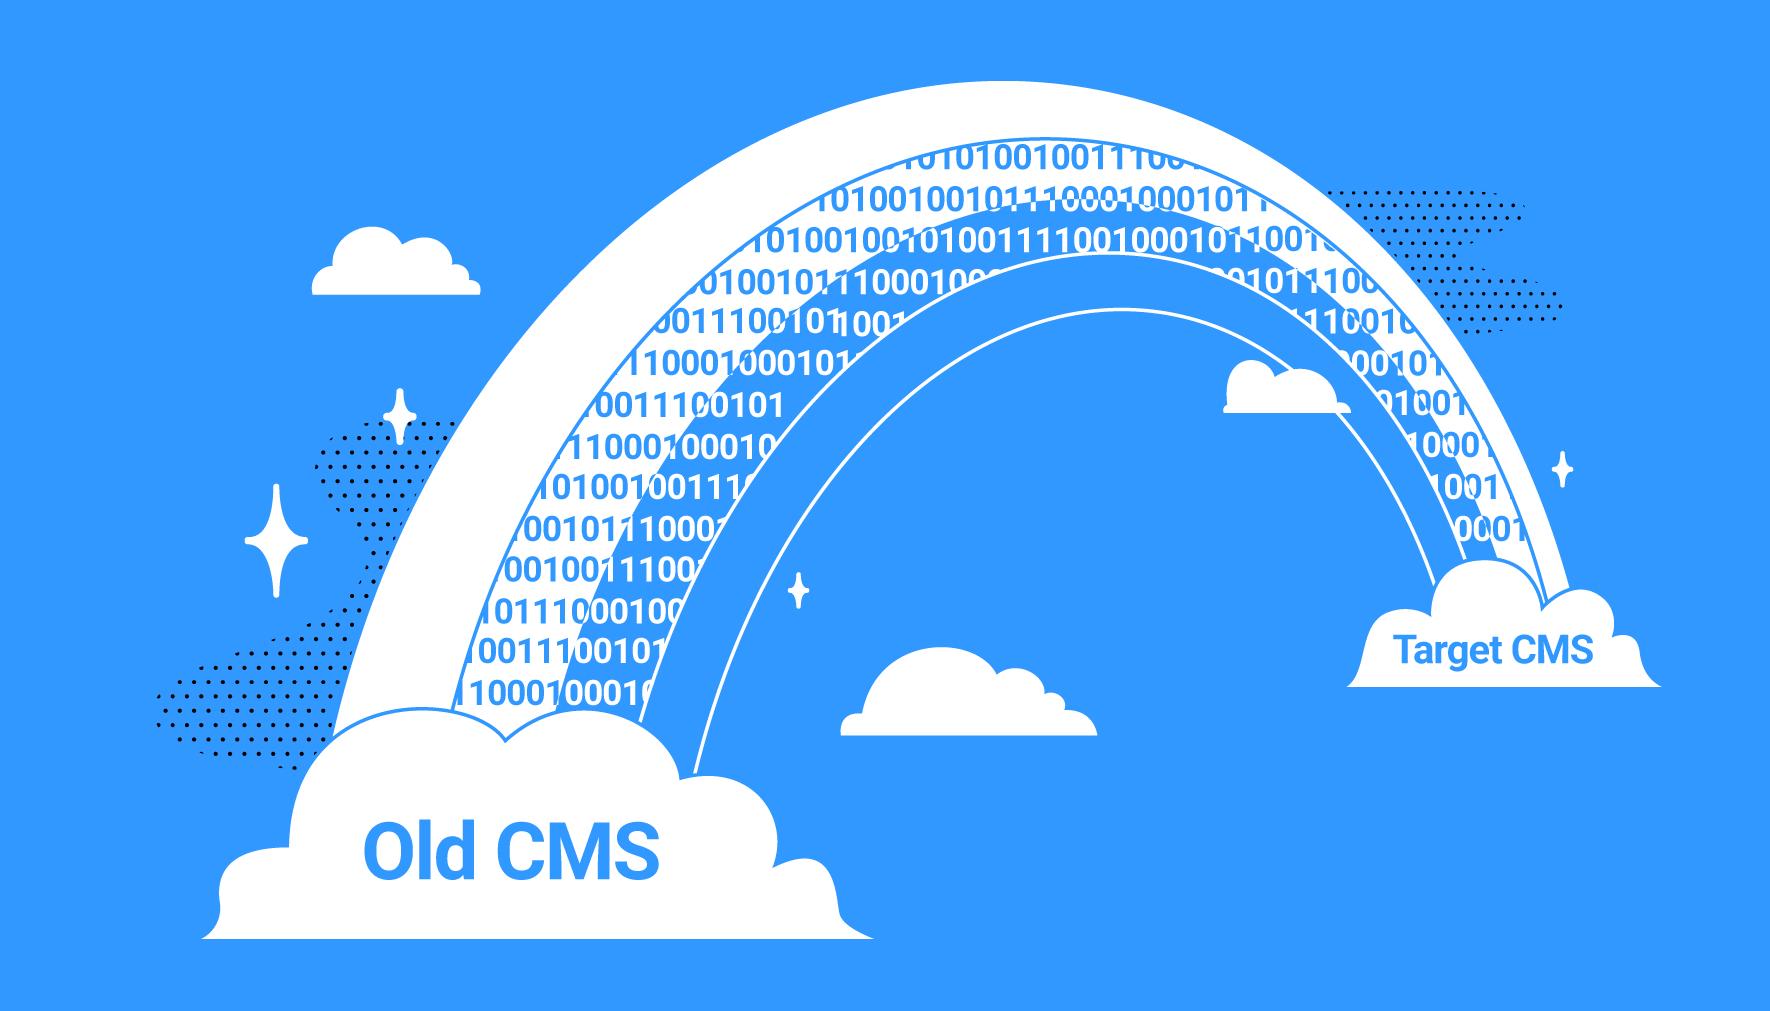 Liste de contrôle de migration CMS: un processus de référencement étape par étape